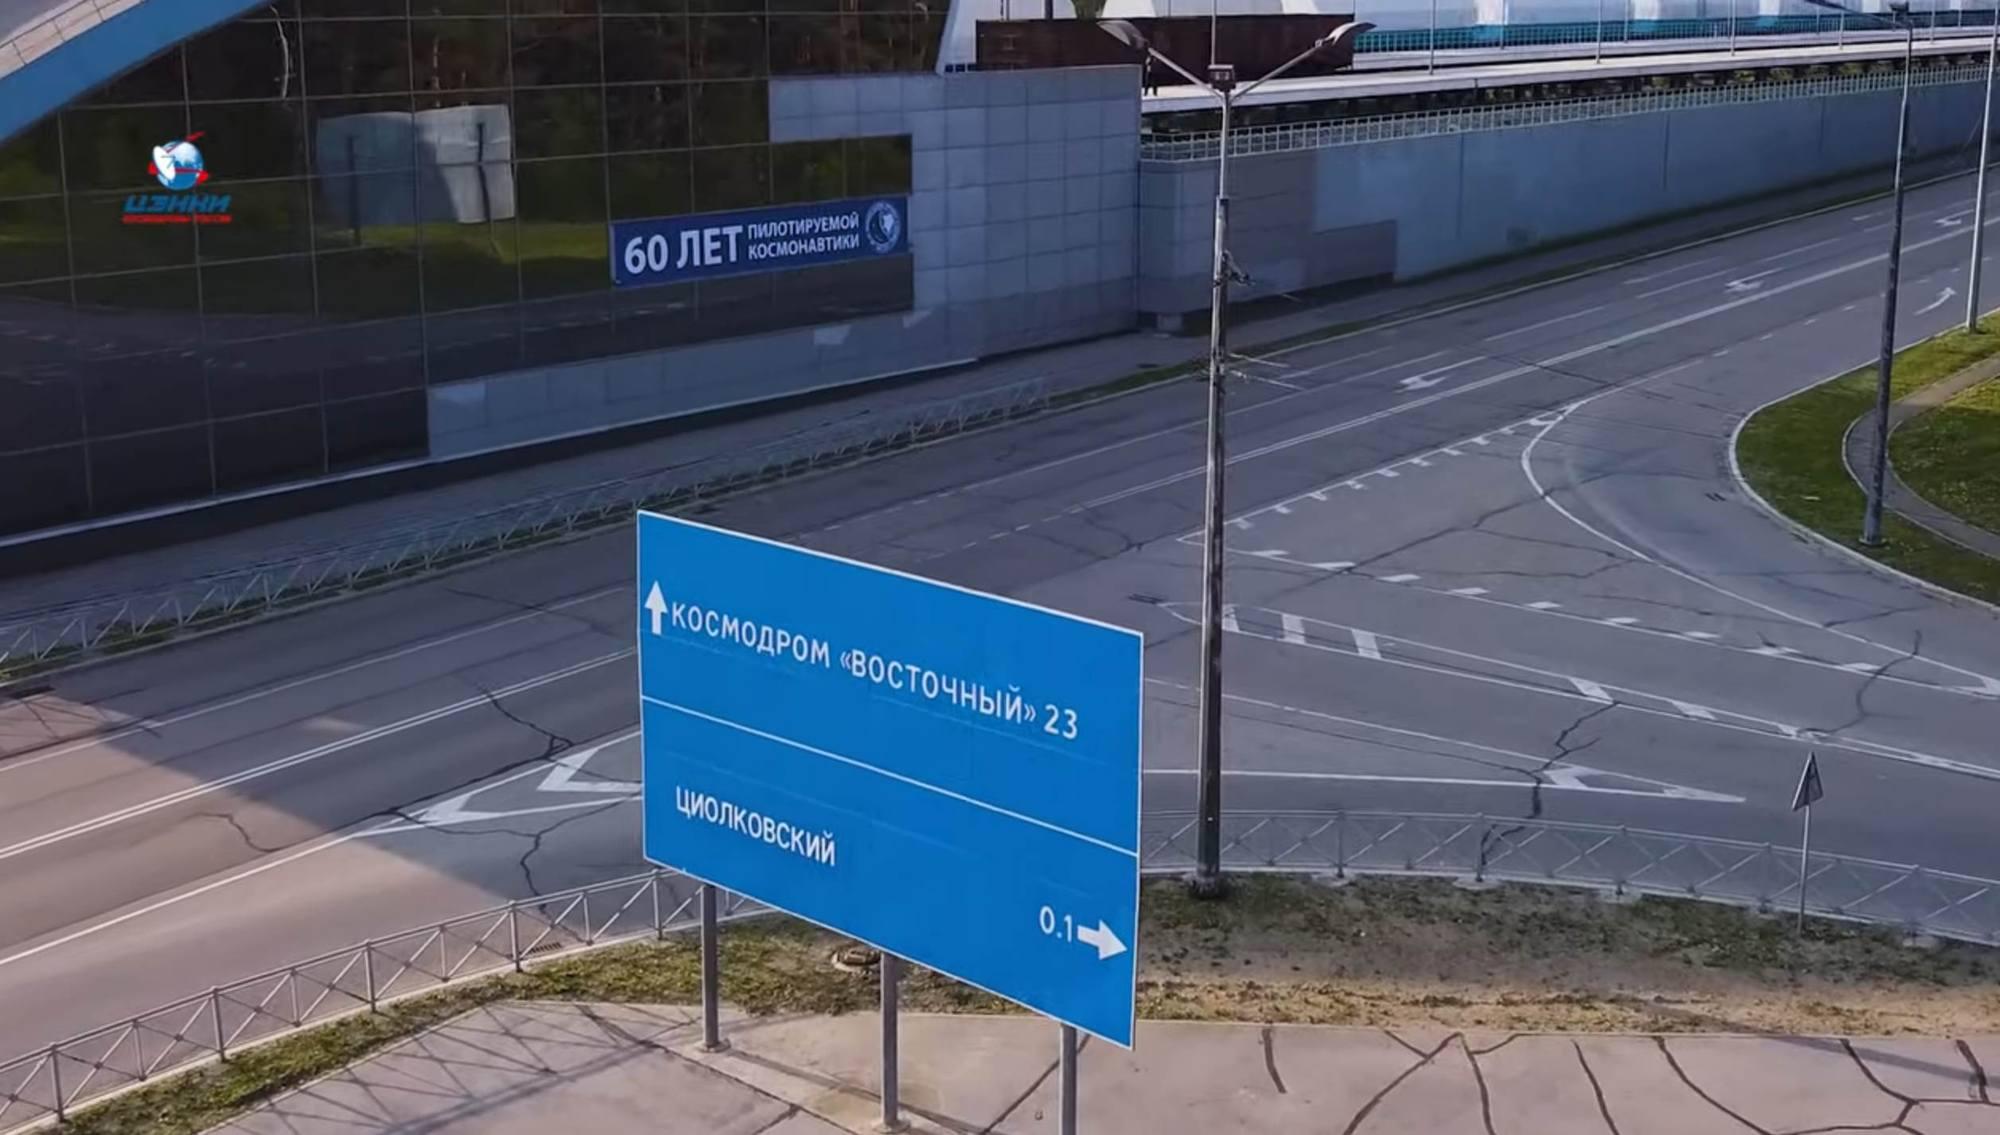 Une image montrant la gare de Tsiolkovsky et la bifurcation à droite vers la ville de Tsiolkovsky.